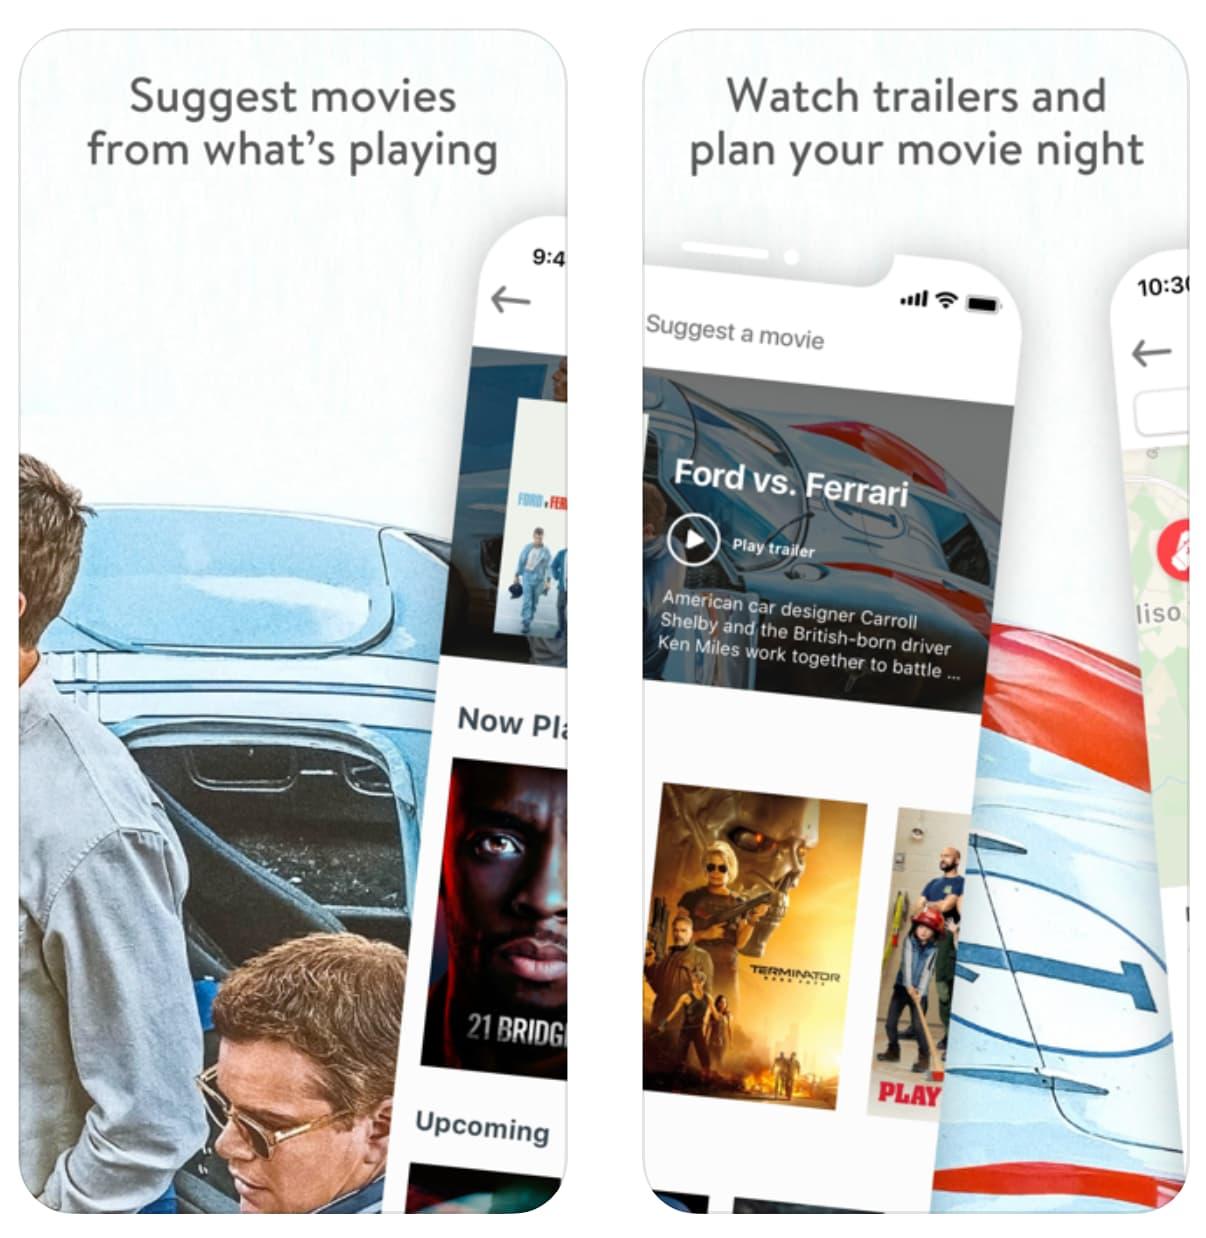 Descartáveis, Cinemeet, Primalist e outros aplicativos de David para conferir neste fim de semana 2